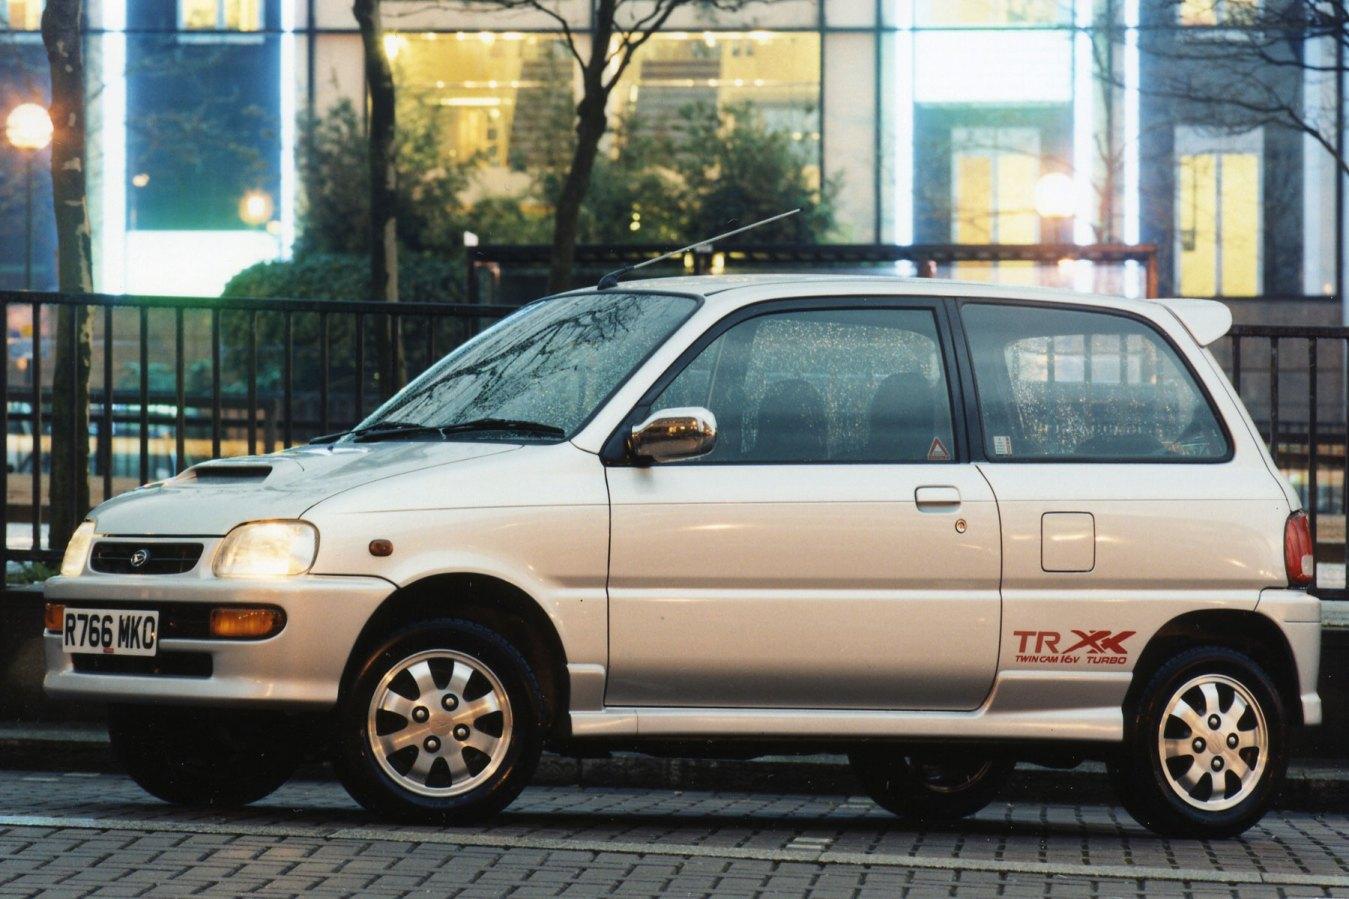 Daihatsu Cuore Avanzato TR-XX R4